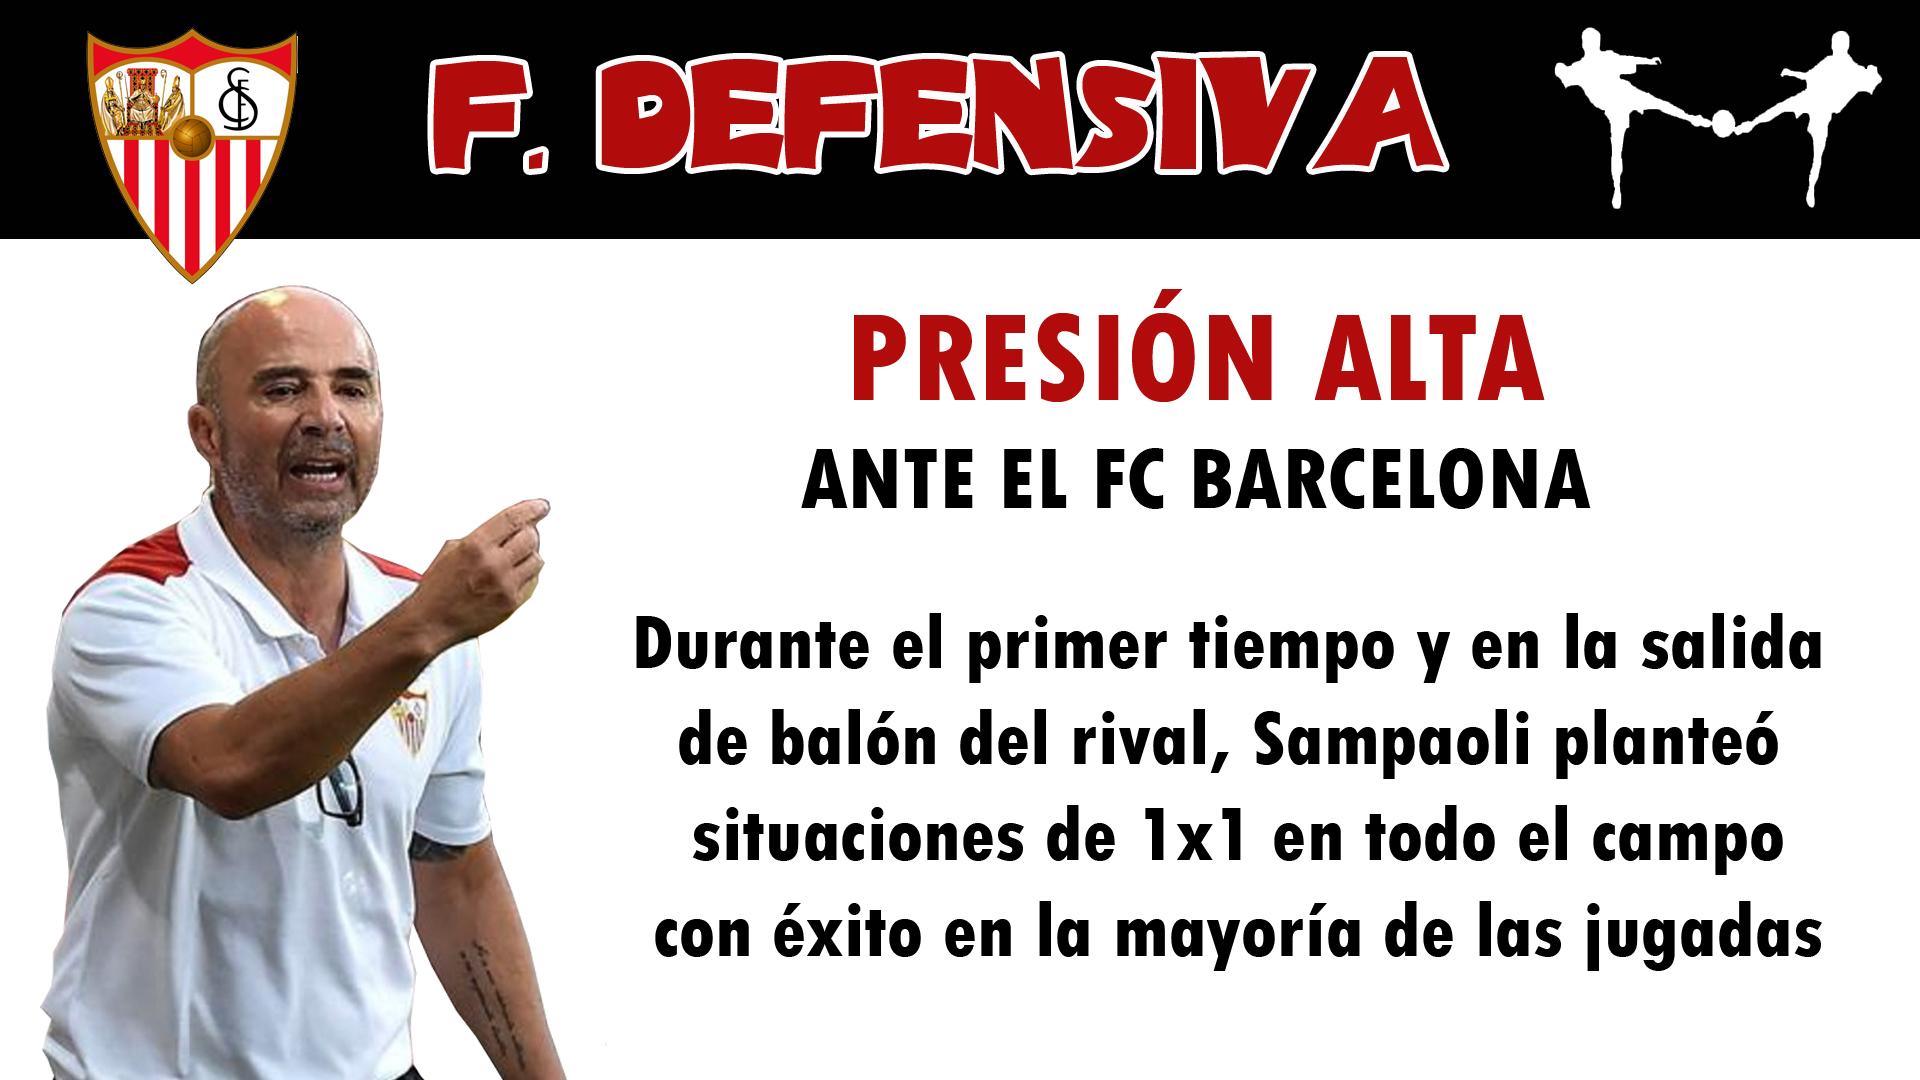 futbolcarrasco sevilla fc sampaoli presión alta análisis tactico fc barcelona